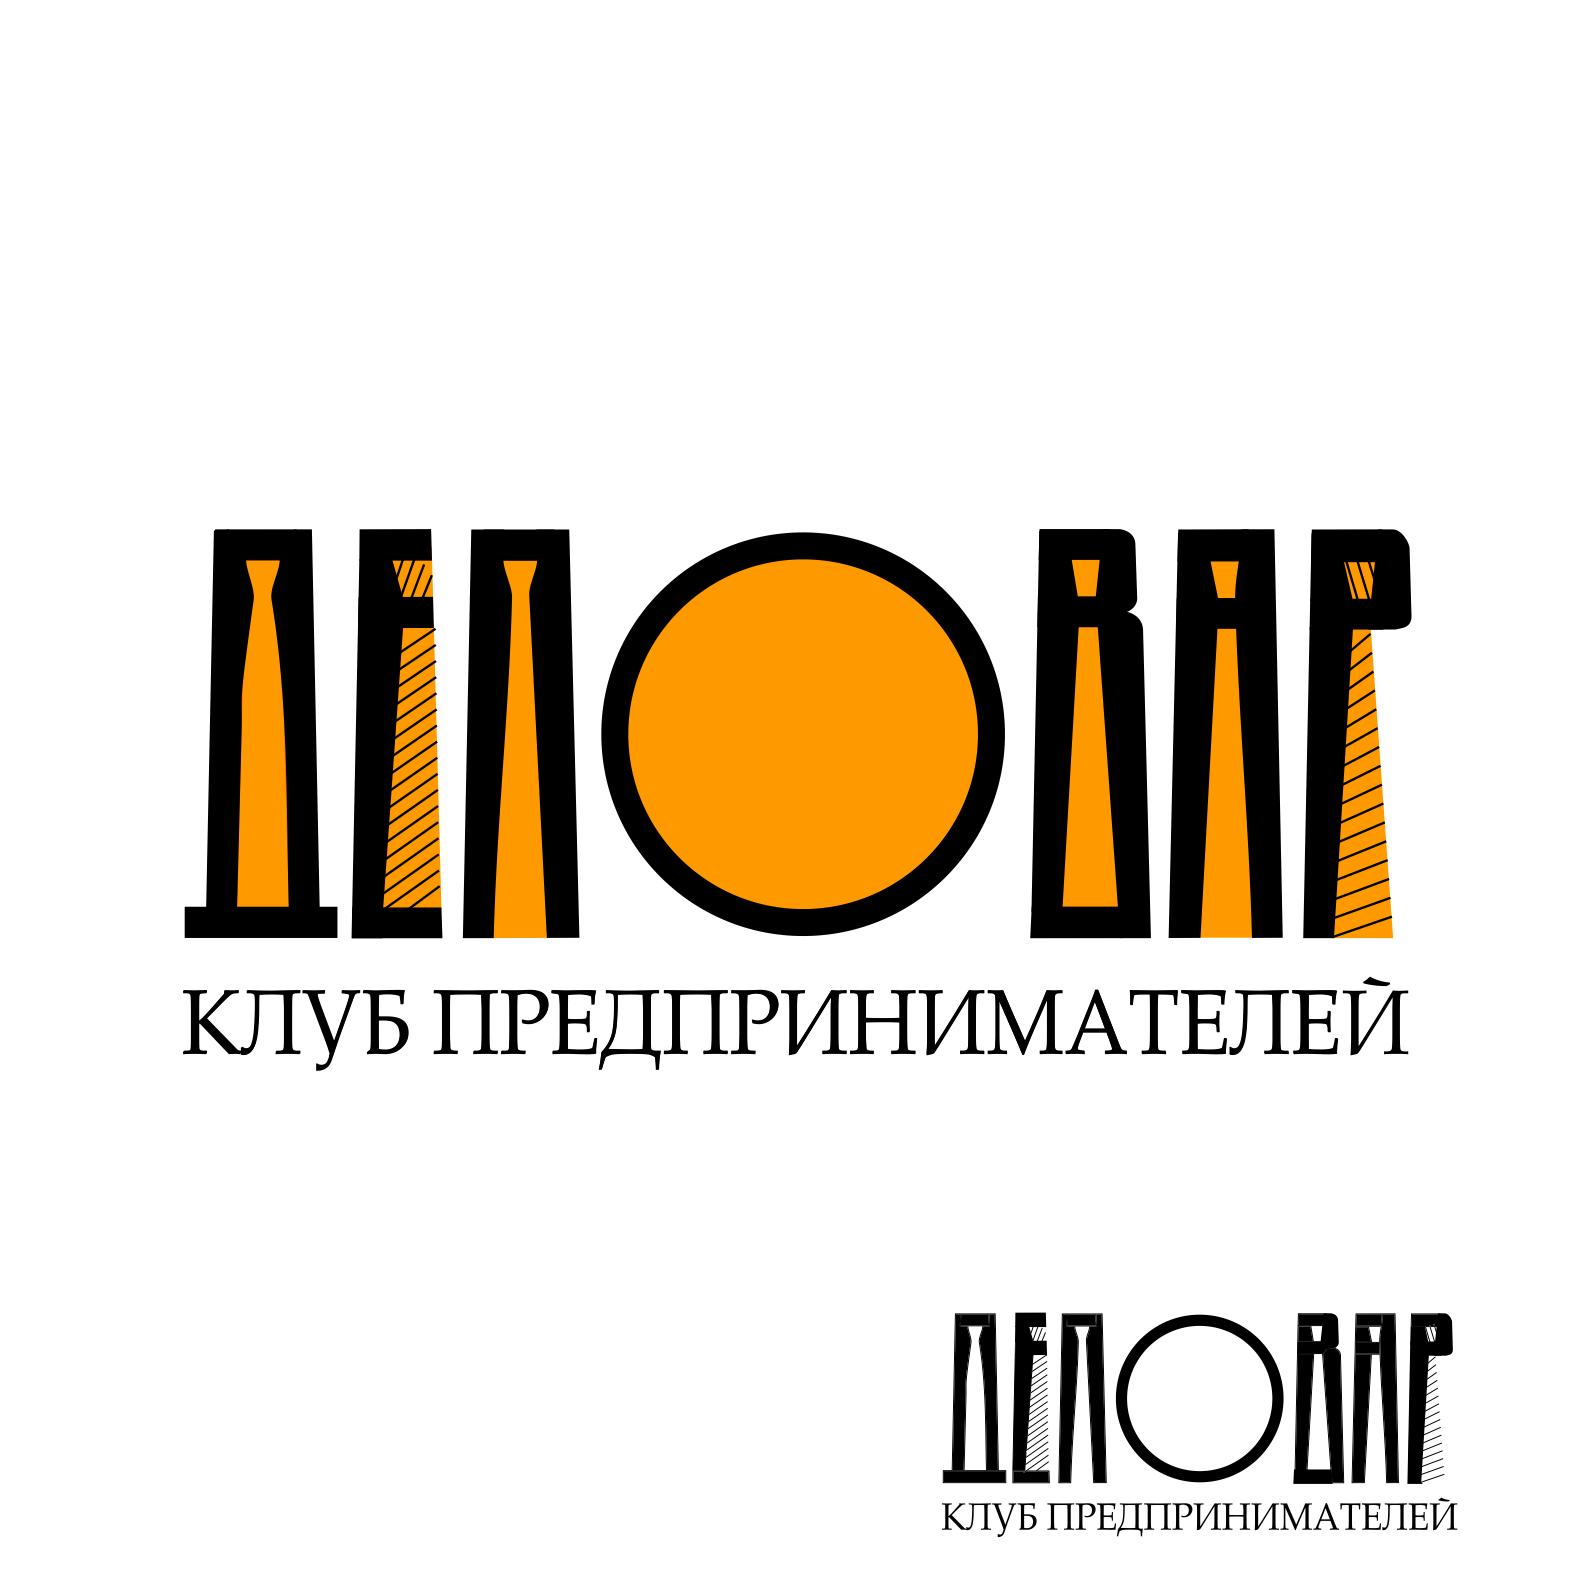 """Логотип и фирм. стиль для Клуба предпринимателей """"Деловар"""" фото f_5047832bee3b7.png"""